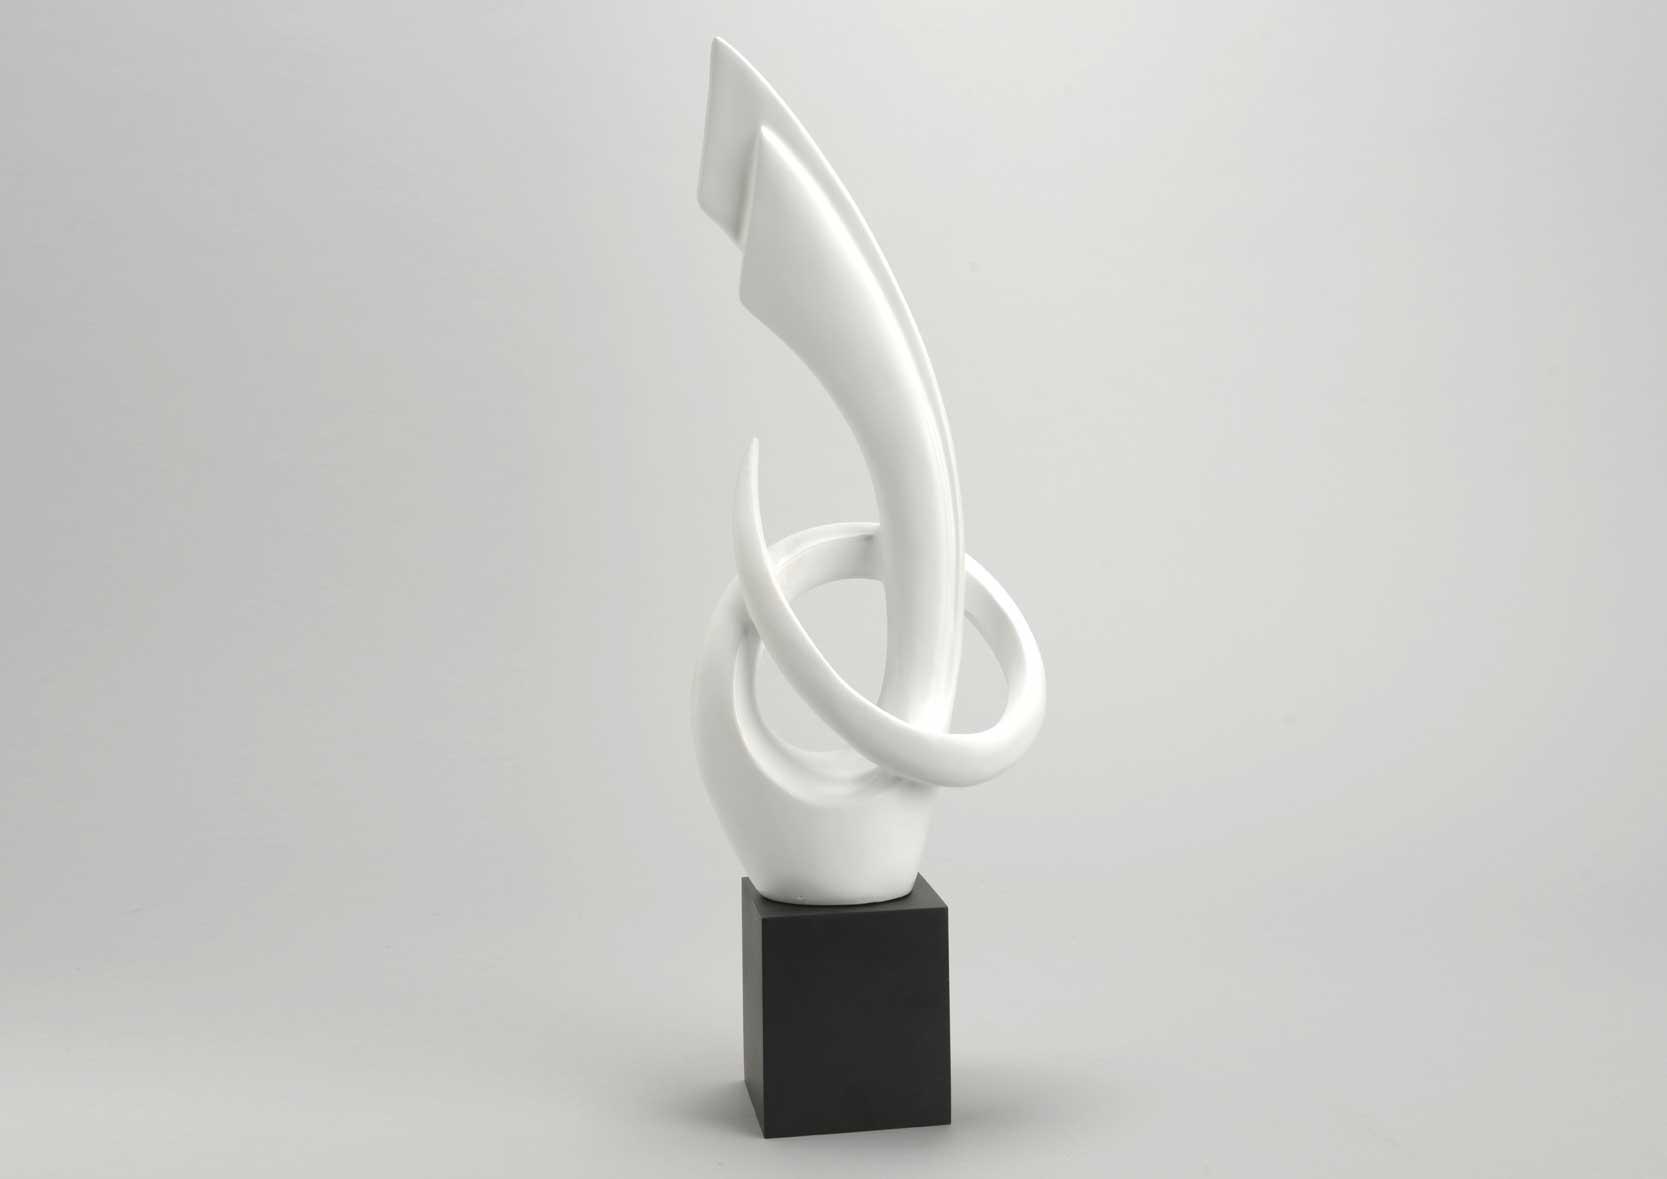 Grande sculpture design strazia - Grande statue design ...